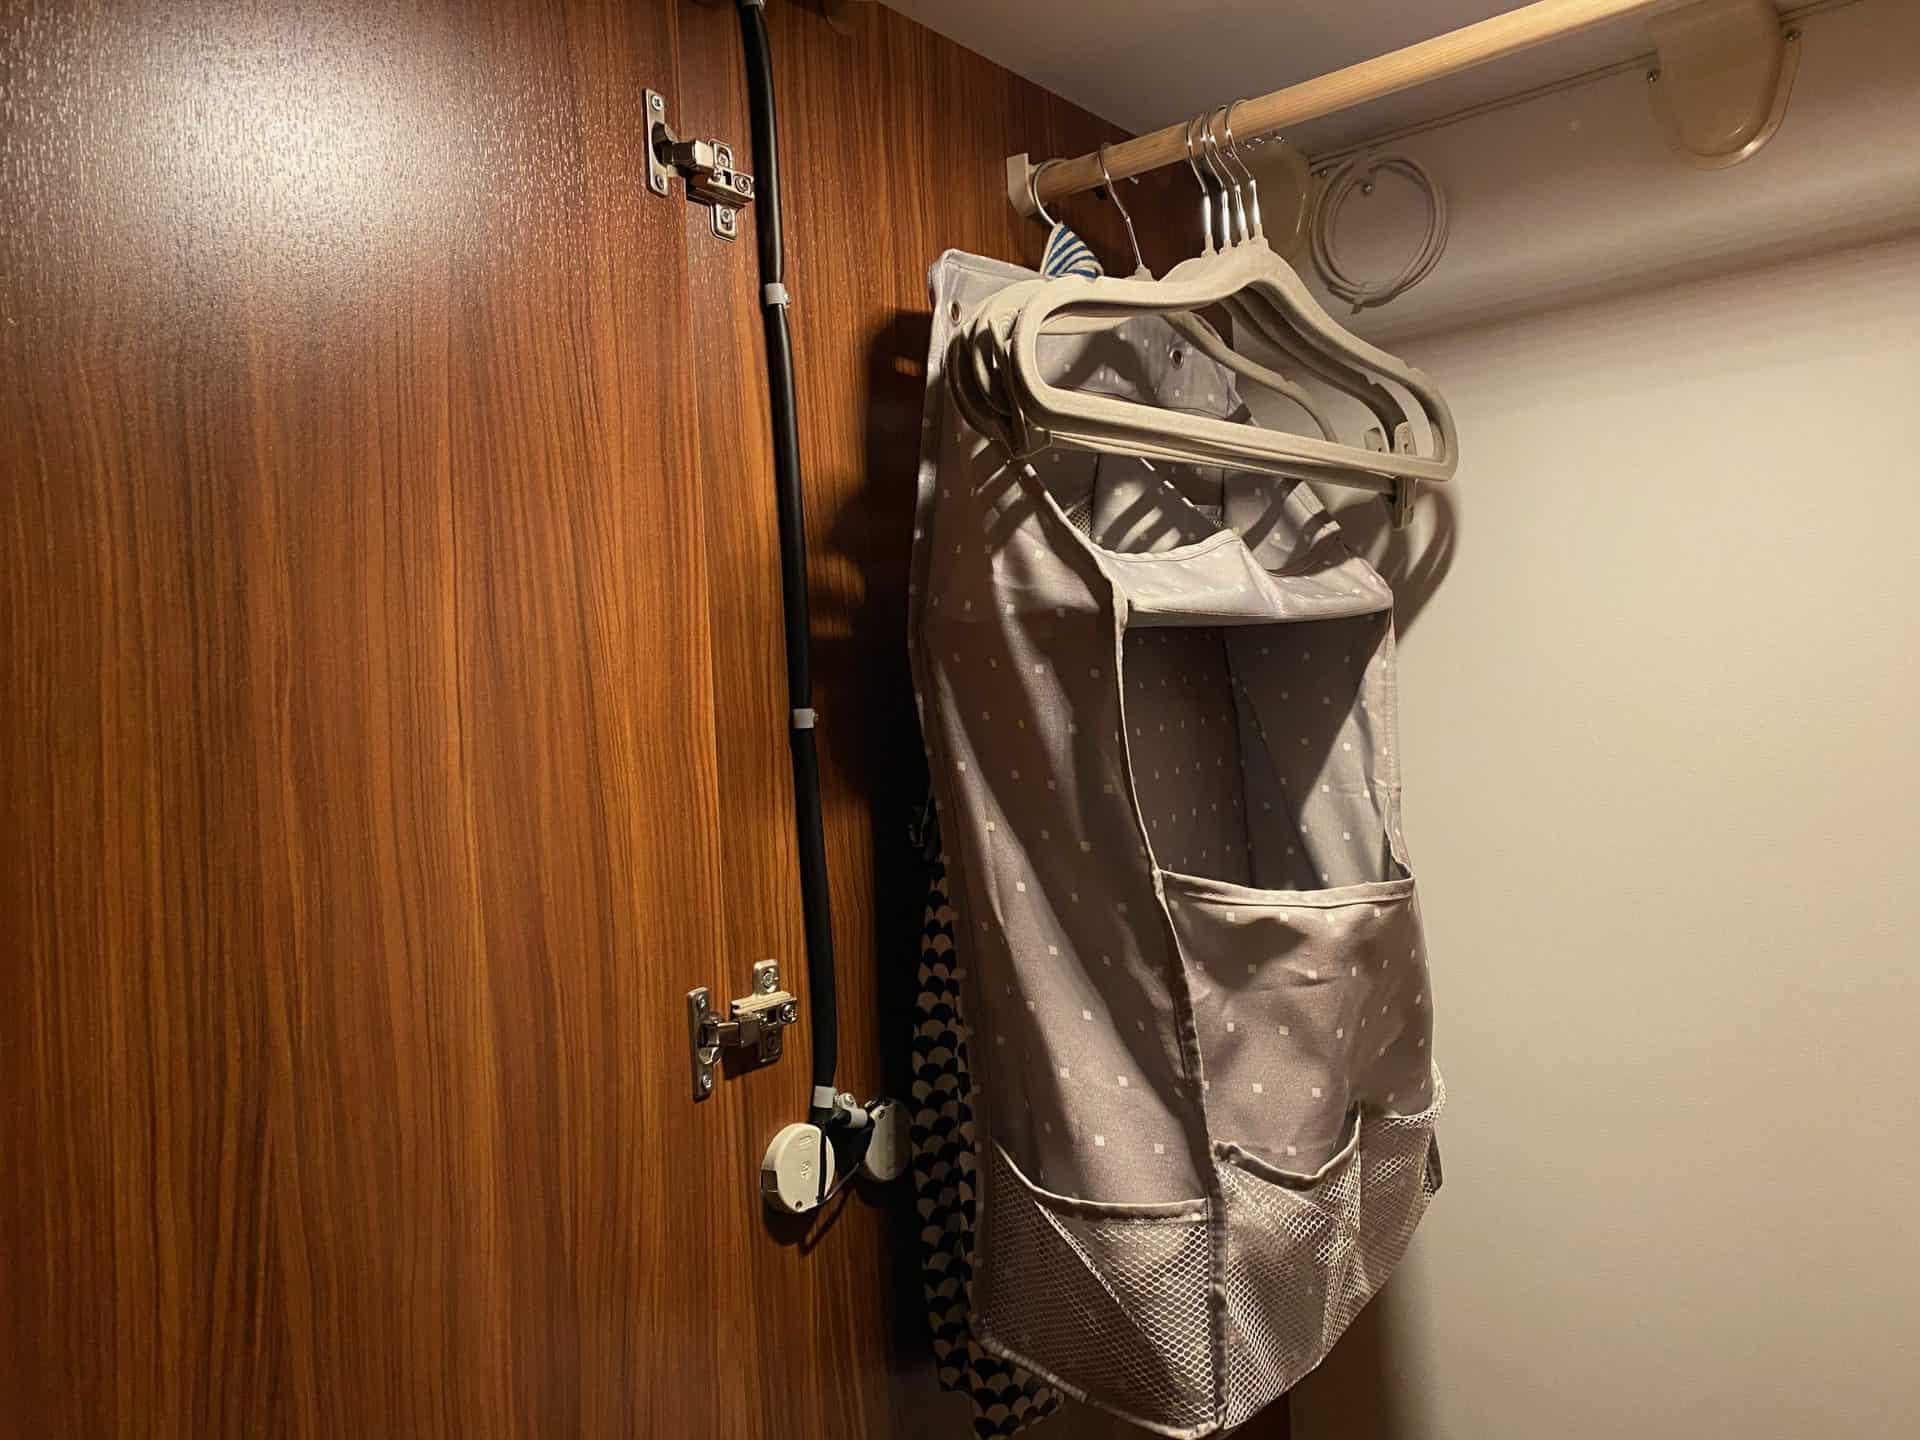 AUVON-wiederaufladbare-Schrank-Beleuchtung-Kleiderschrank-260-Lumen.jpeg-scaled.jpeg